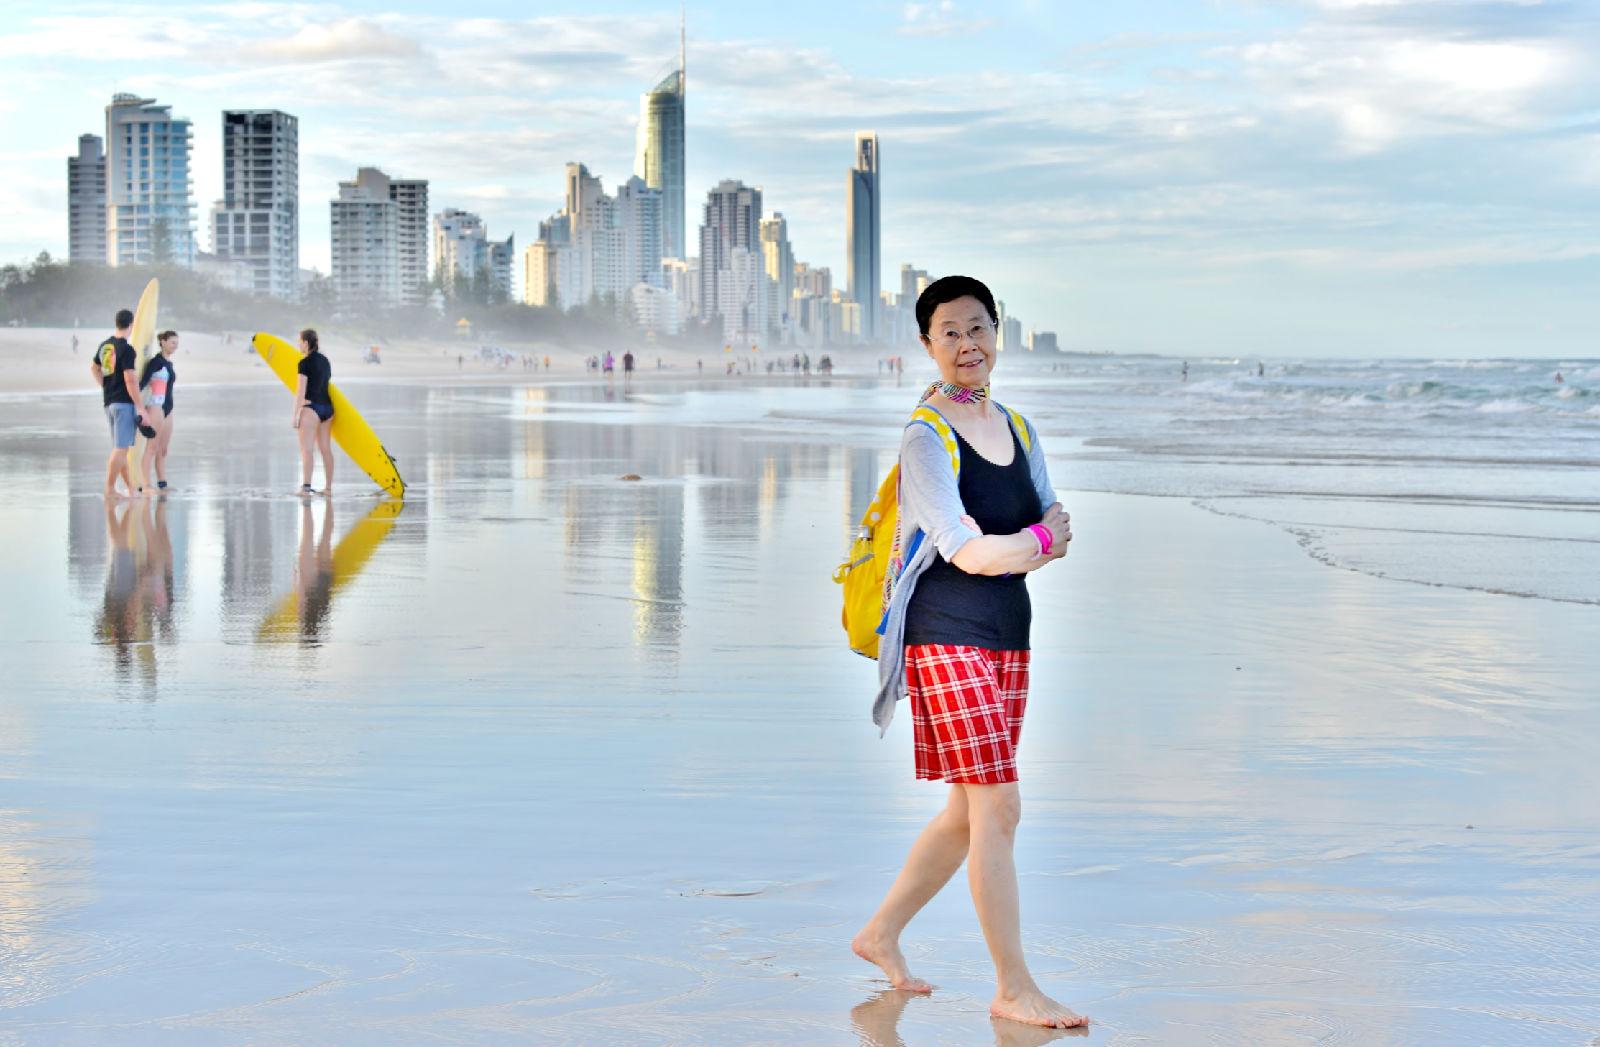 澳大利亚旅游攻略图片143